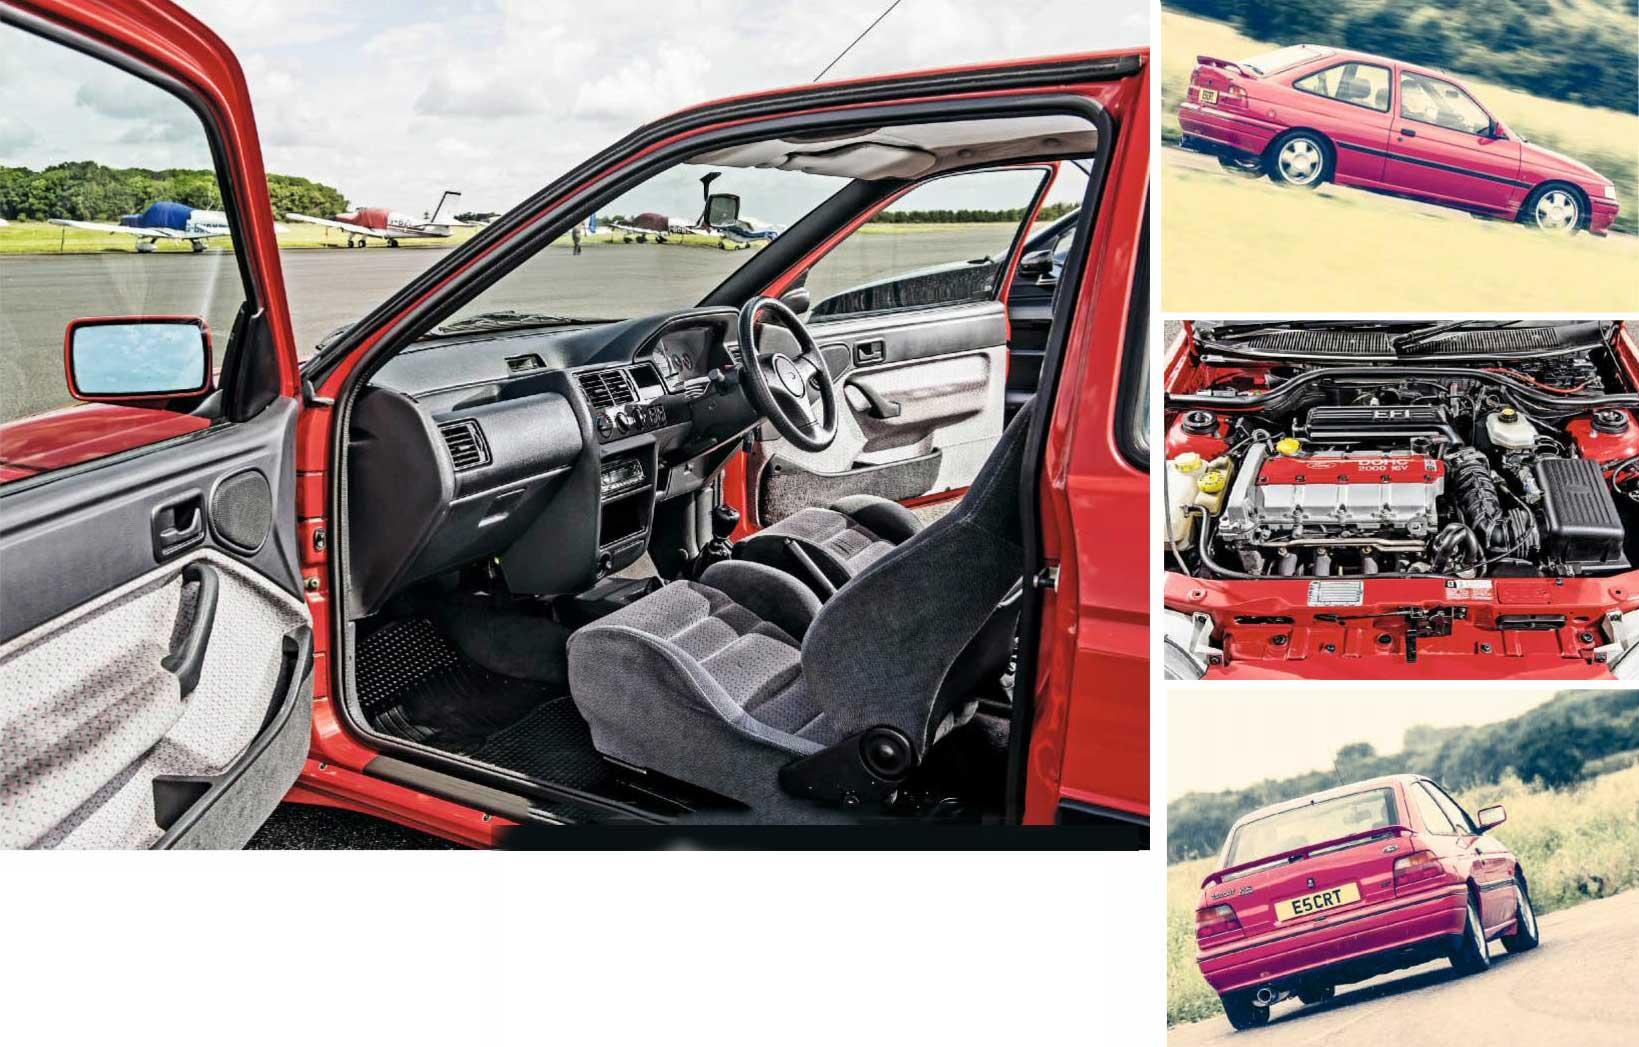 Peugeot 306 Gti 6 Vs Bmw 318ti Compact E36 Ford Escort Rs2000 Rover P5b Fuse Box